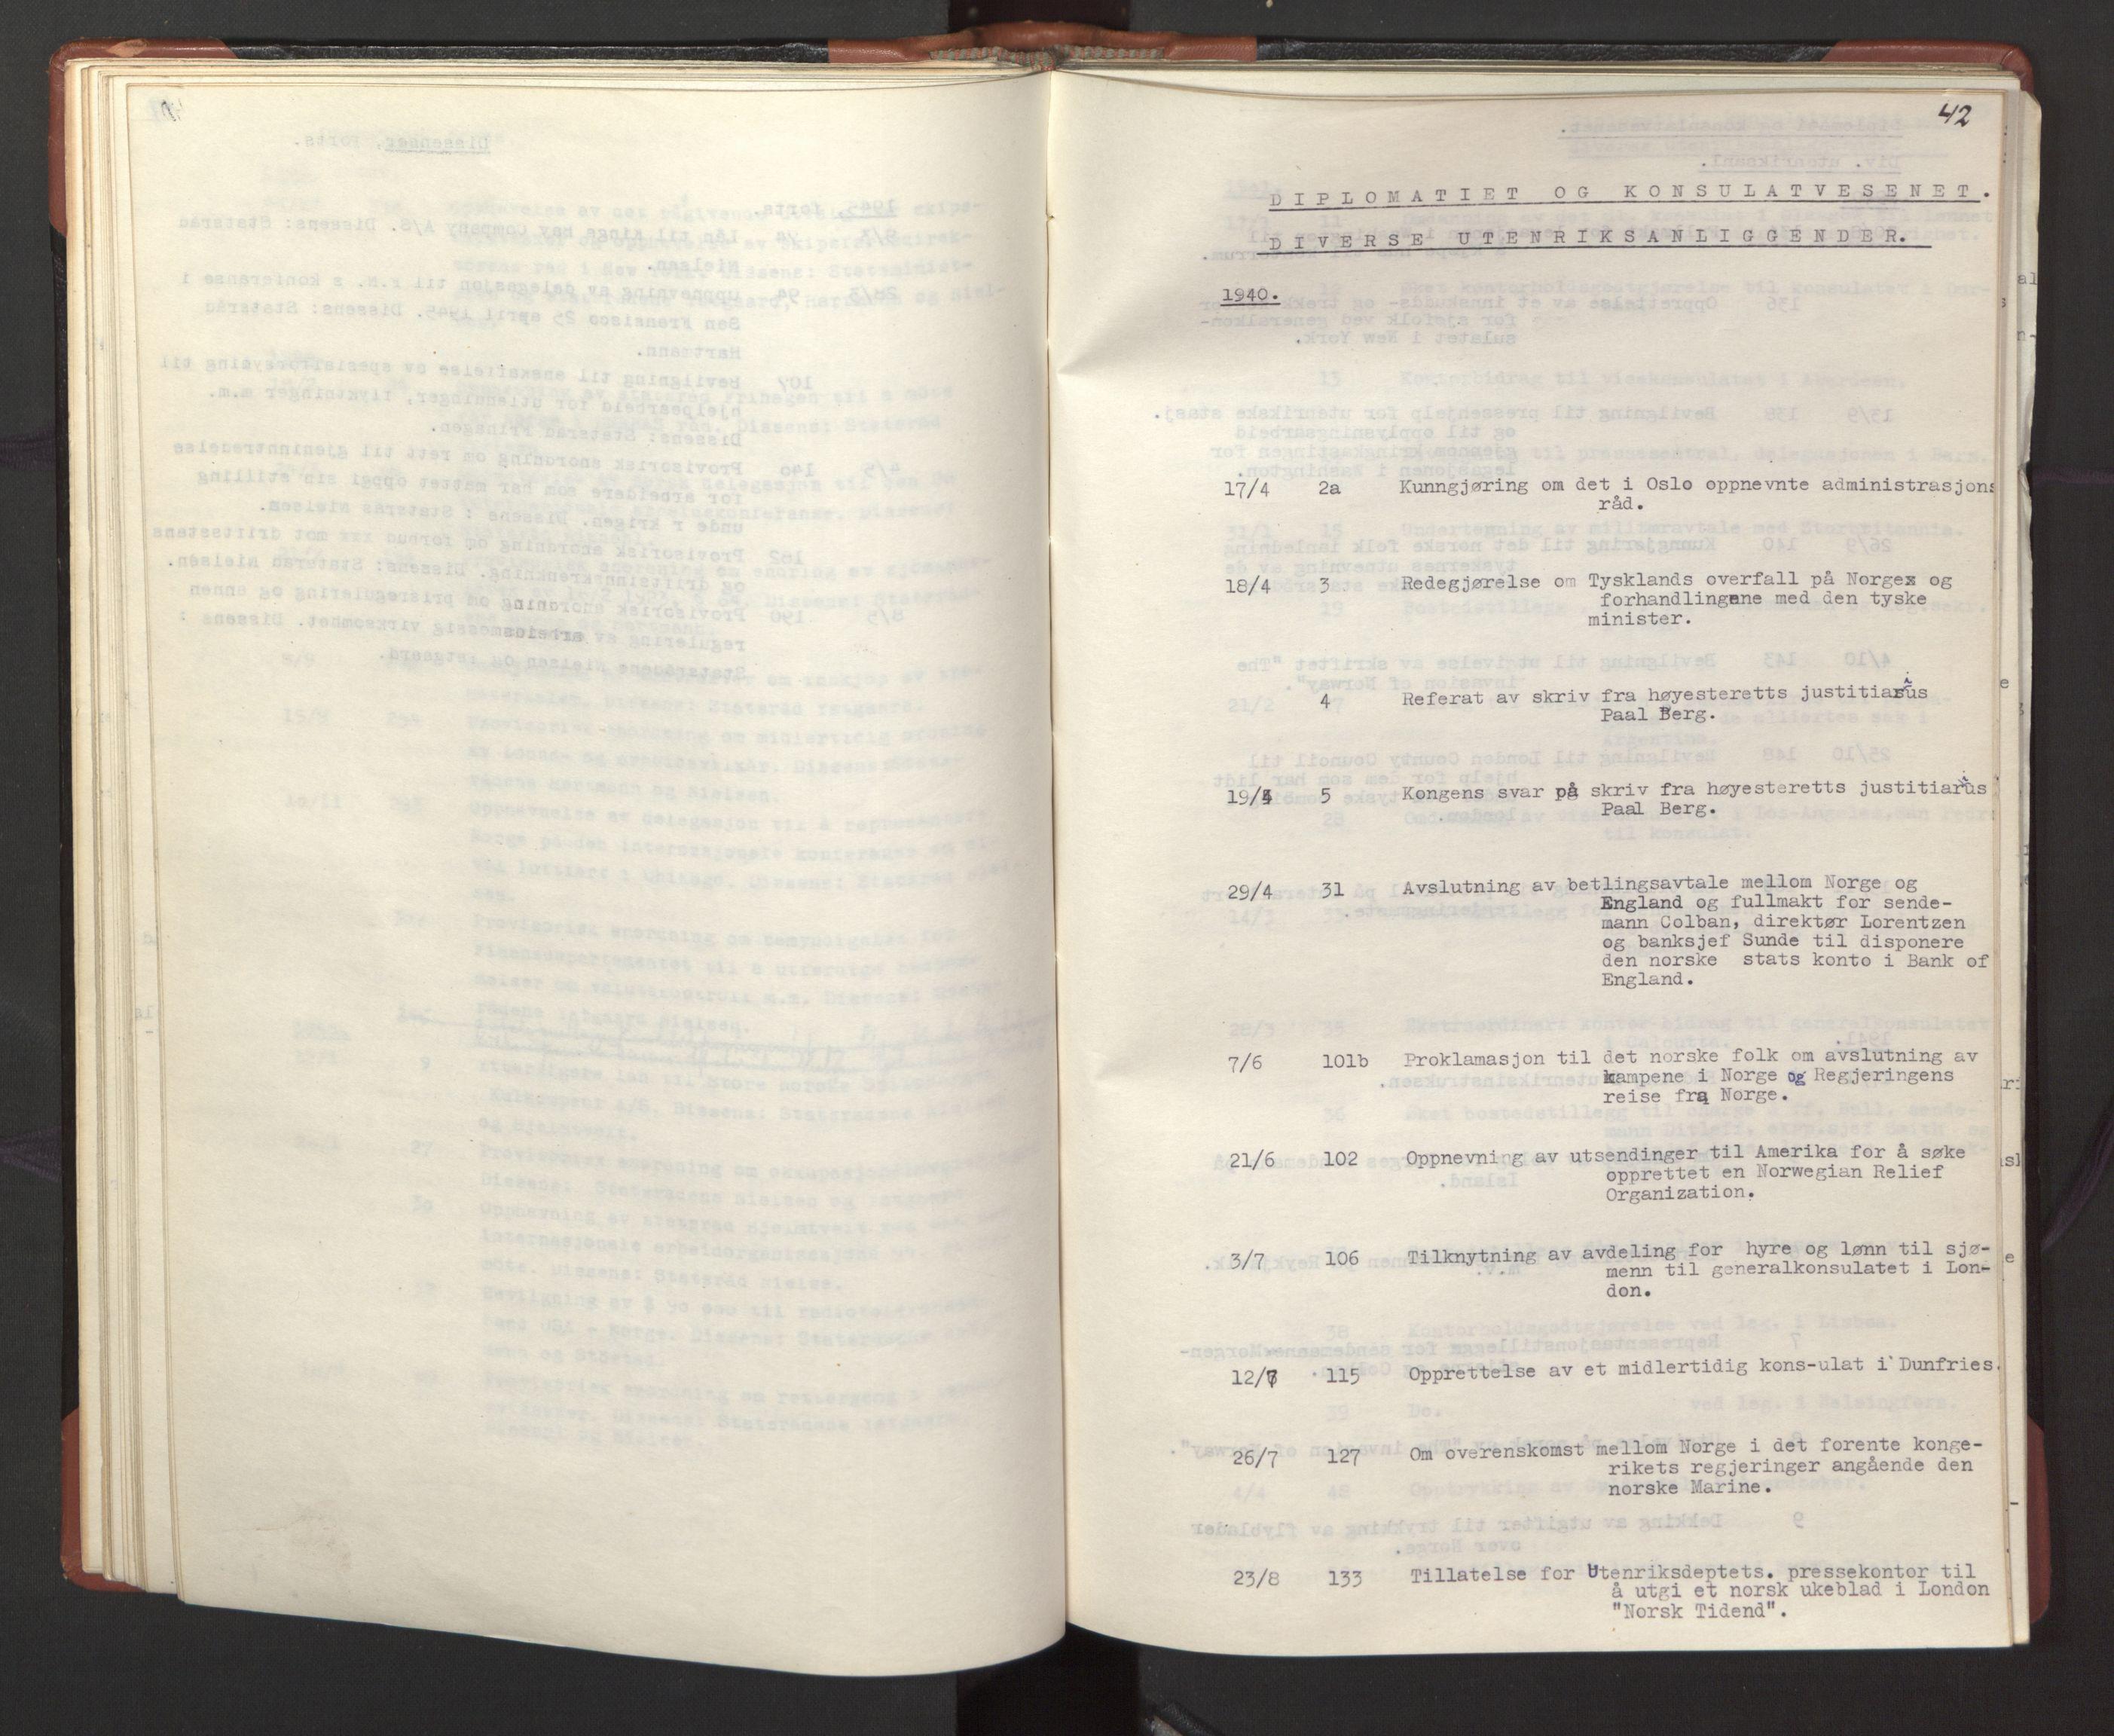 RA, Statsrådssekretariatet, A/Ac/L0127: Register 9/4-25/5, 1940-1945, s. 42